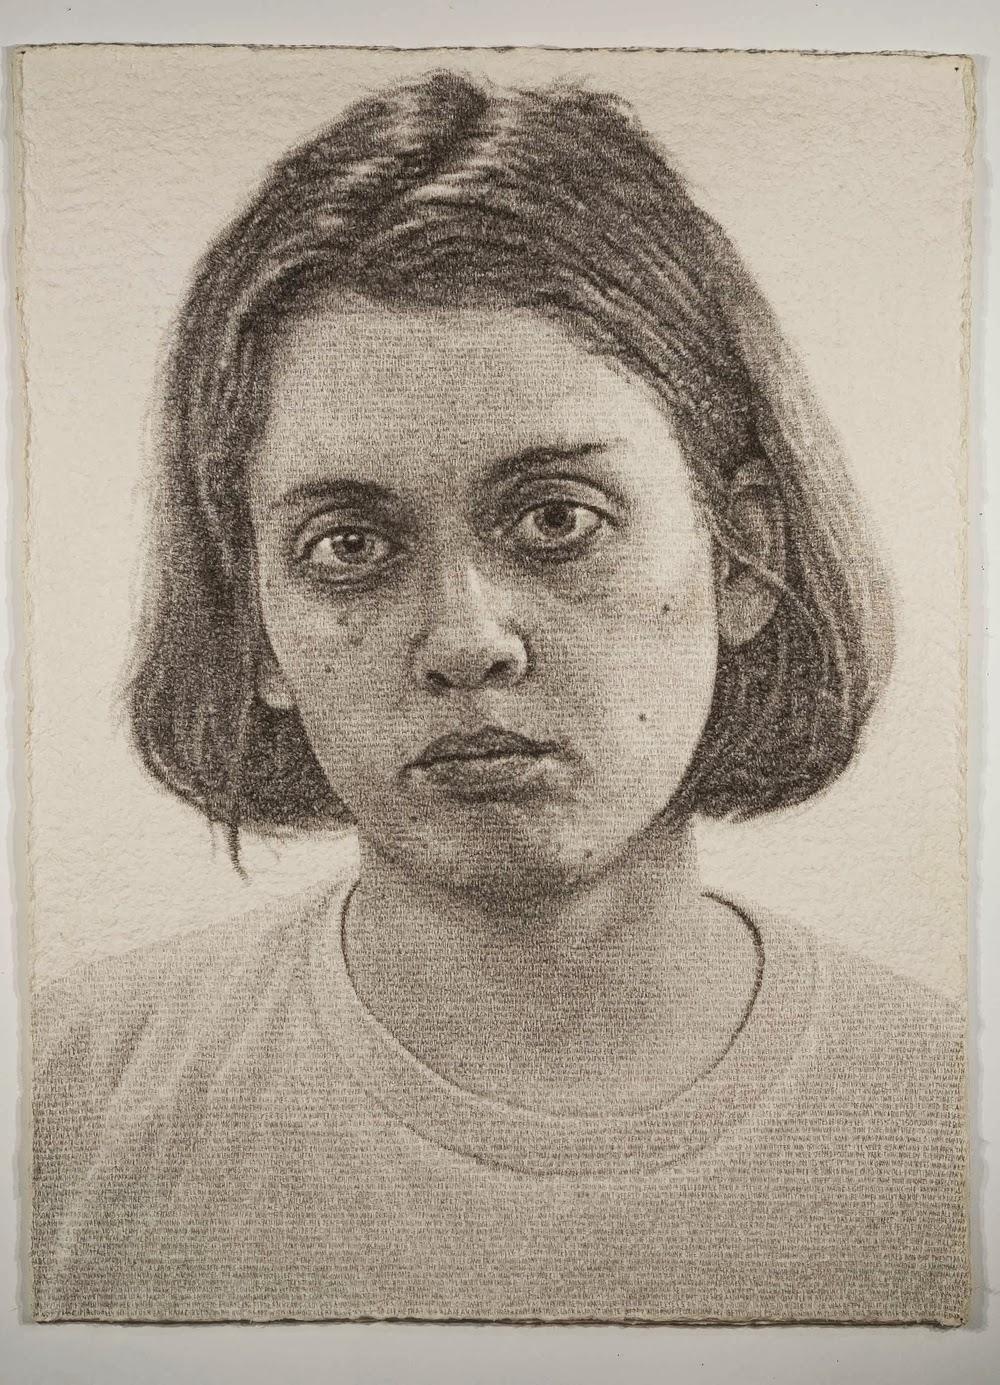 06-Ben-Durham-Written-Portraits-www-designstack-co